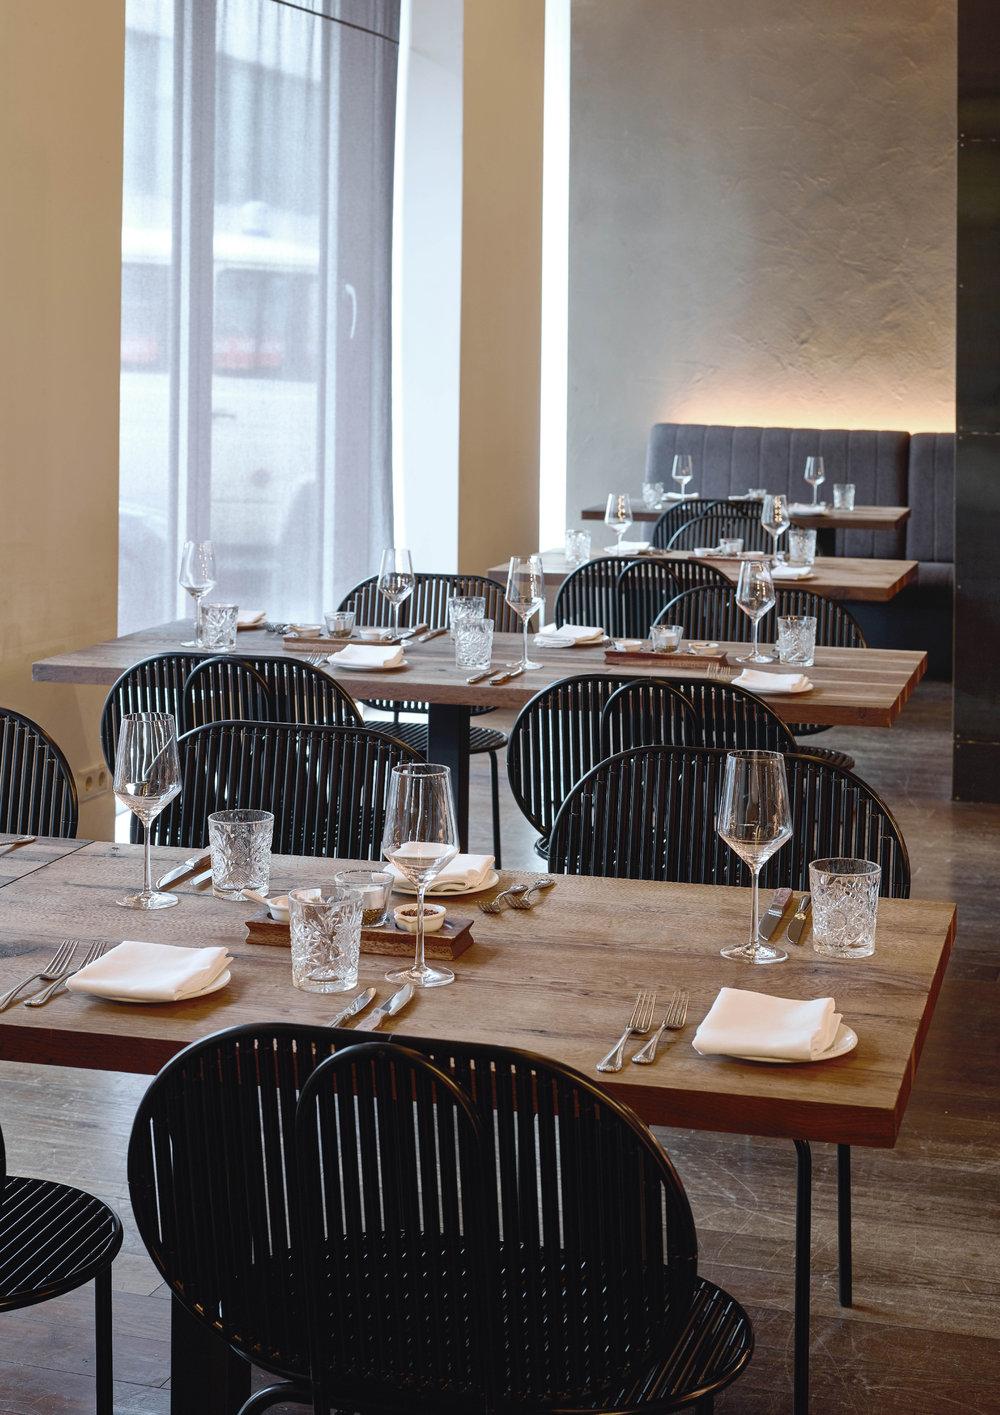 Verena-Hennig-Restaurant